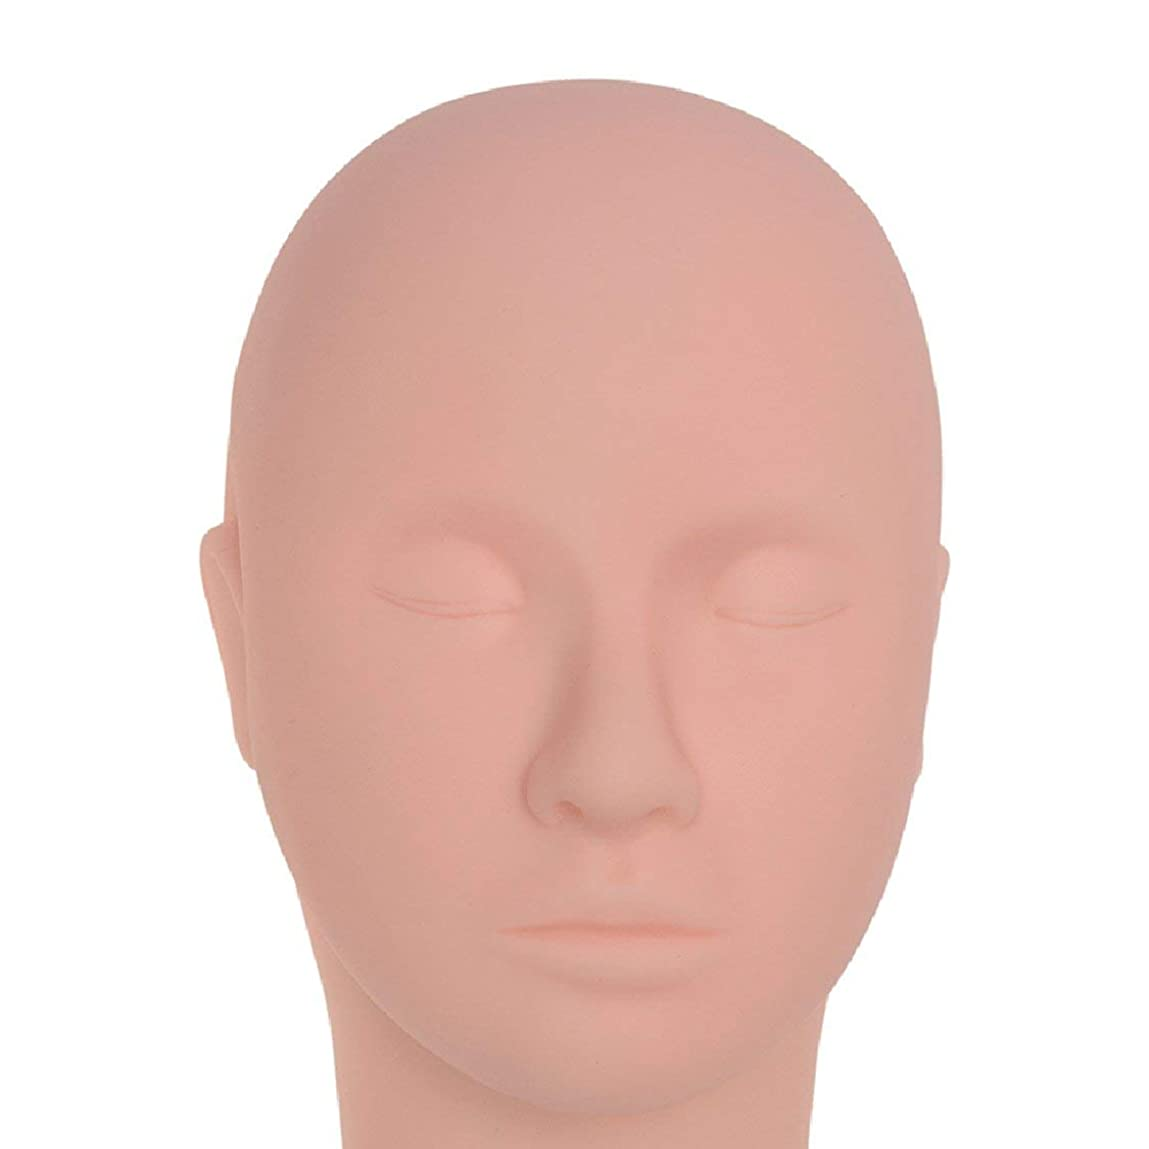 装置試す団結美容マッサージエクササイズヘッドモールドグラフトまつげヘッドモデルセミパーマネントマネキンヘッドメイクアップタトゥーダミーヘッド(フレッシュ)